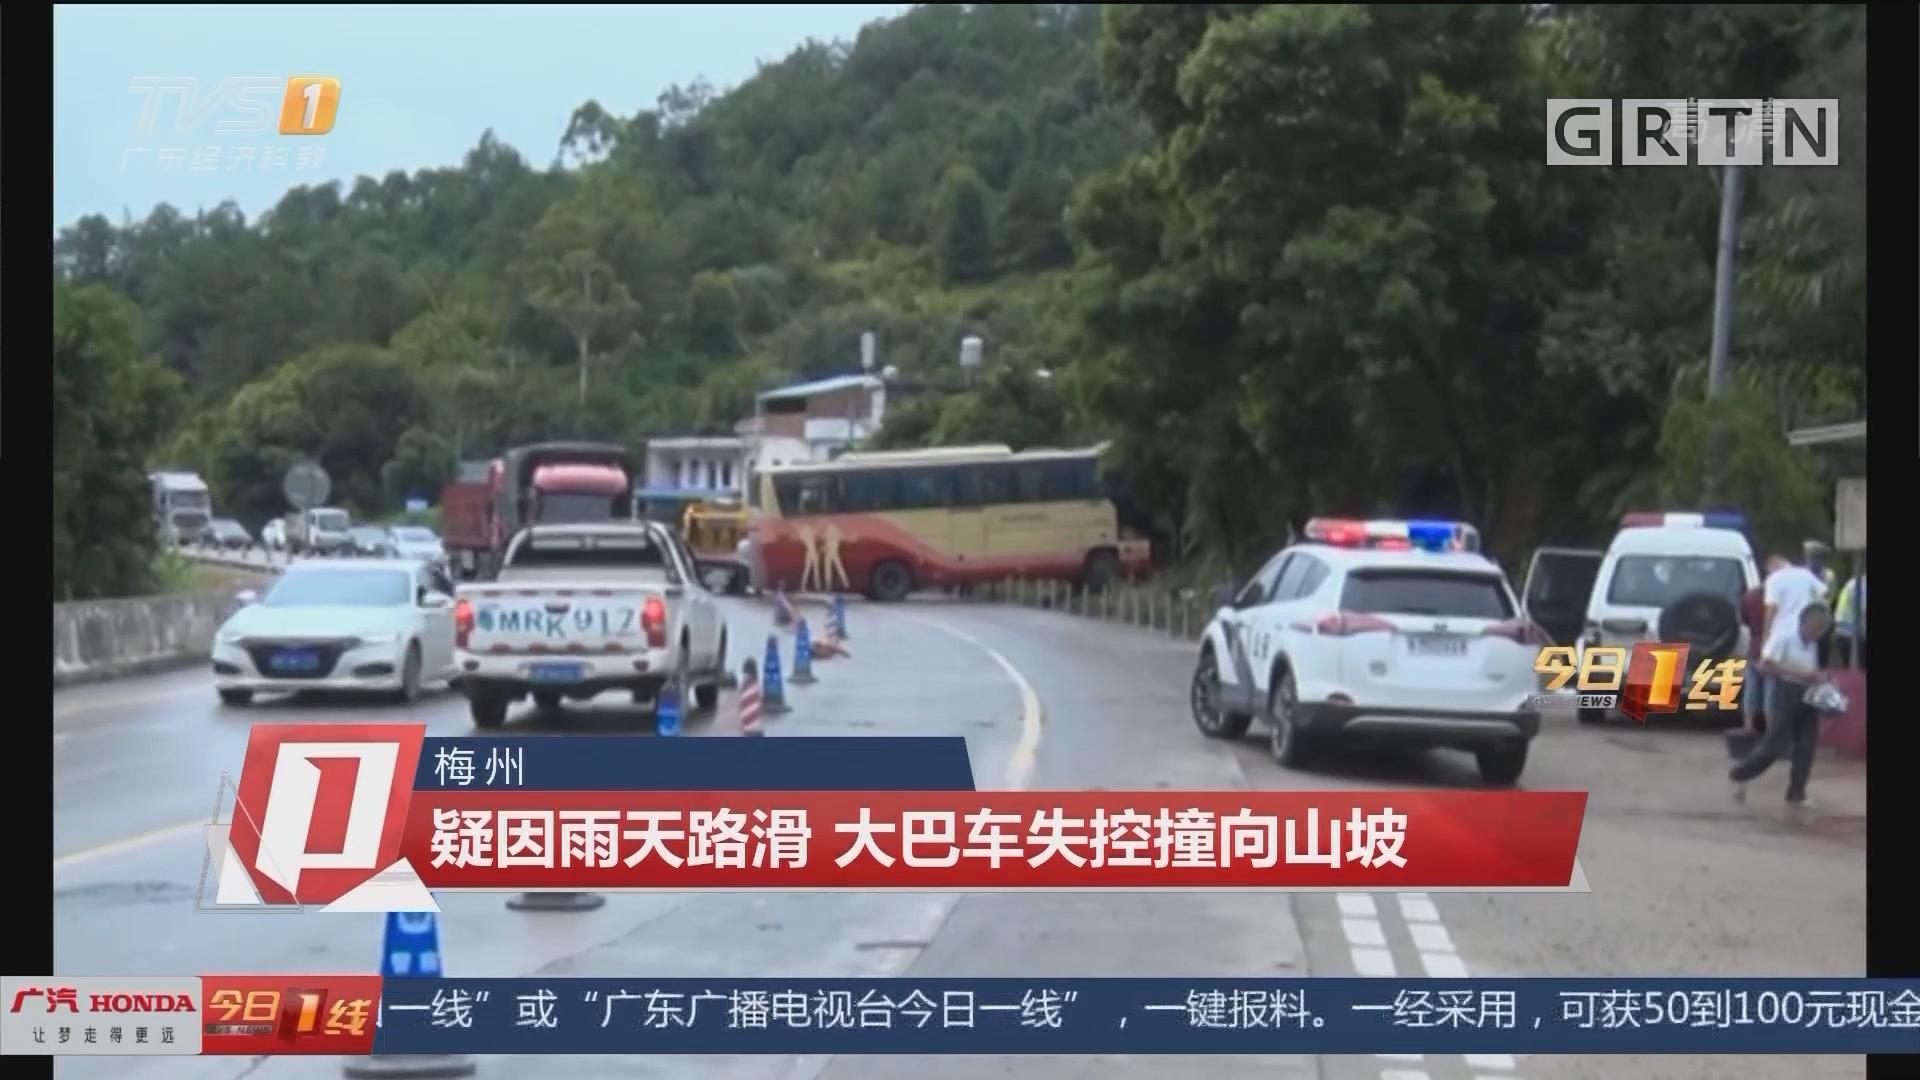 梅州 疑因雨天路滑 大巴车失控撞向山坡